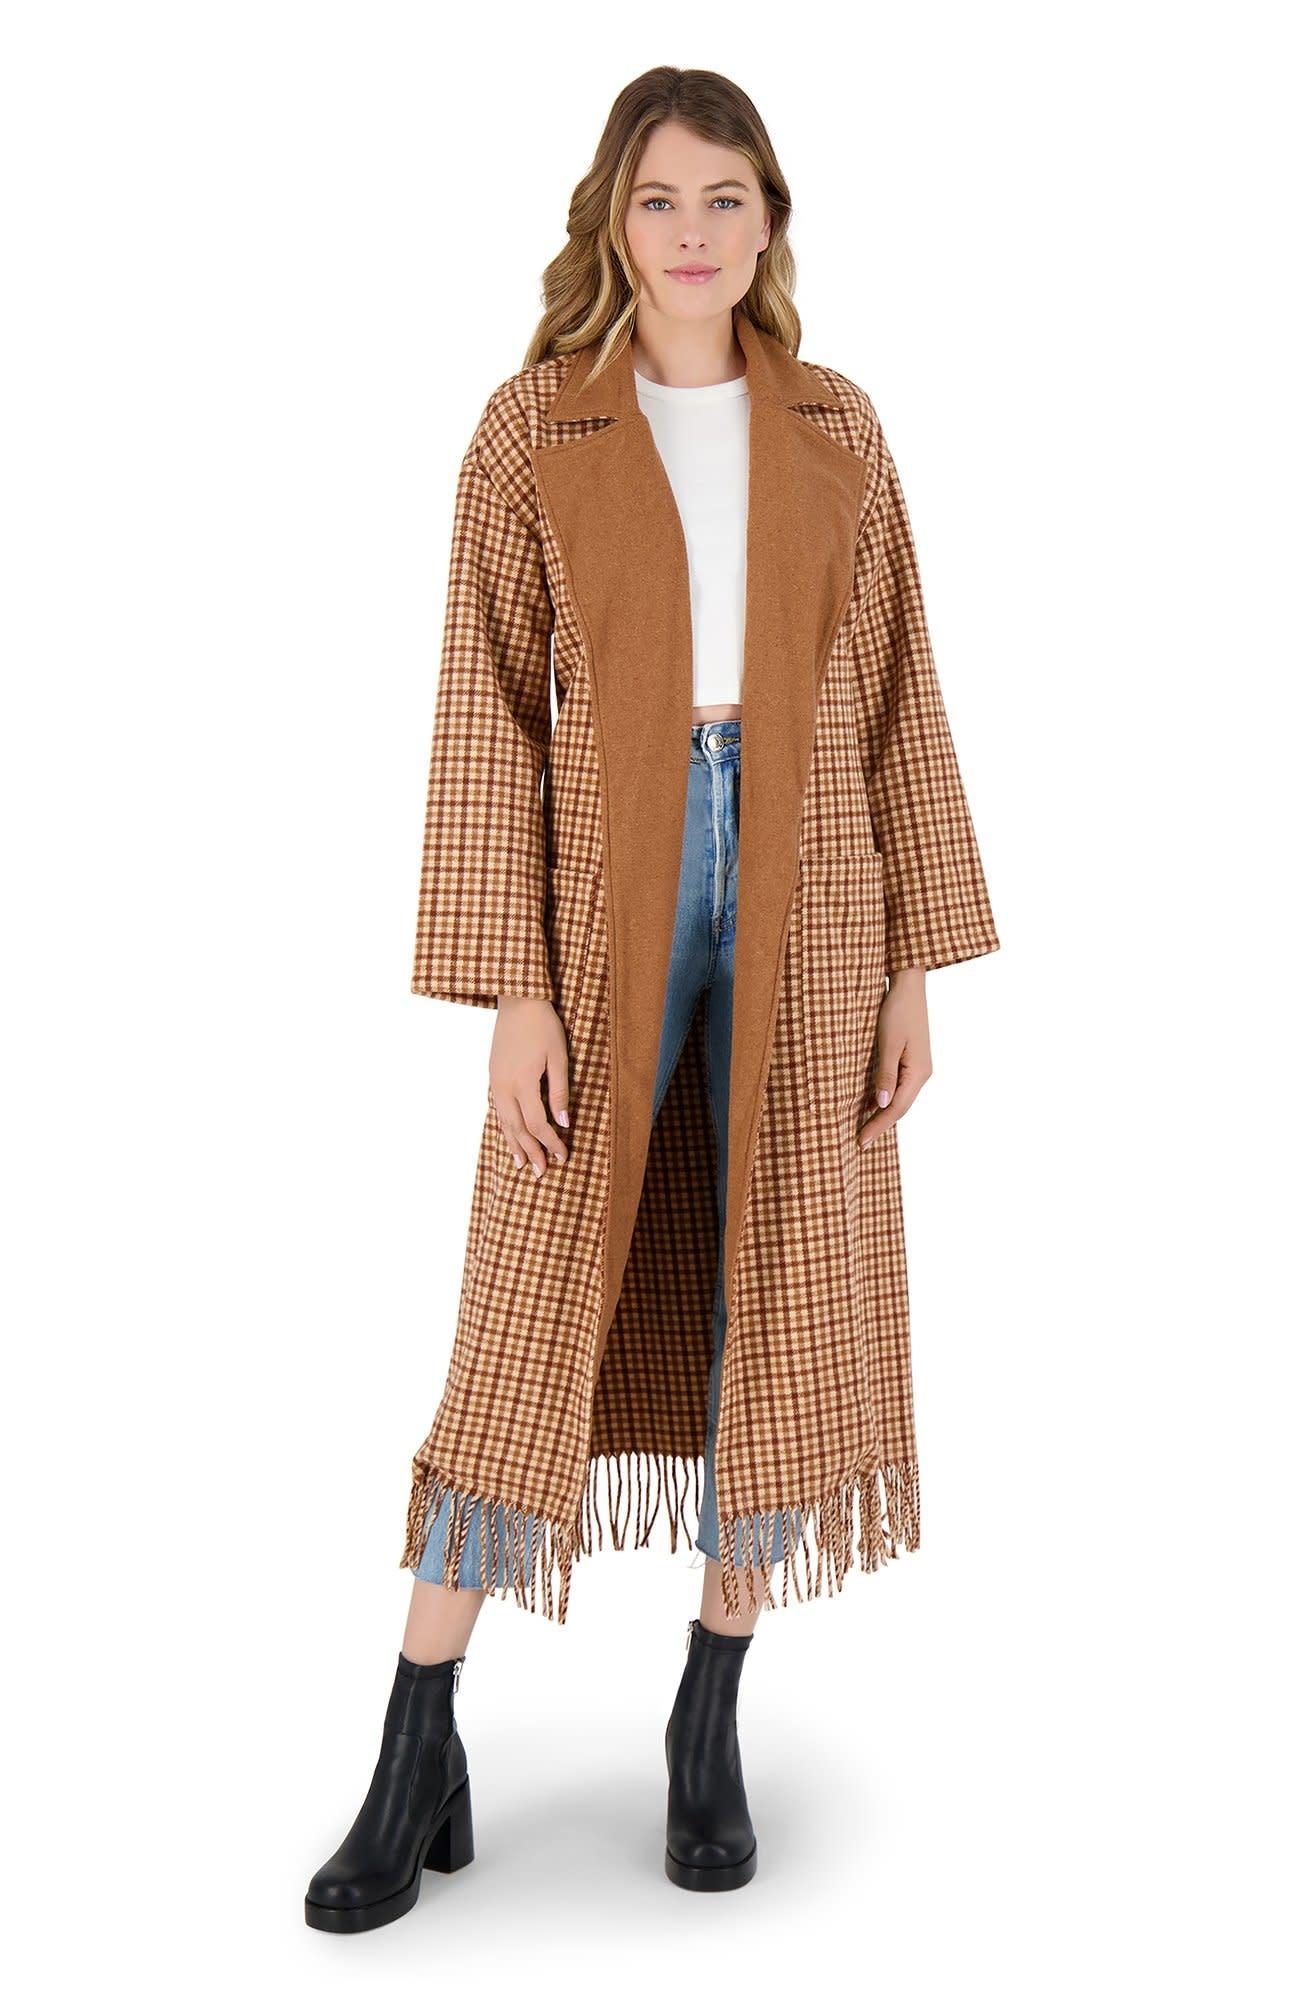 BB Dakota That Covers It Plaid Coat